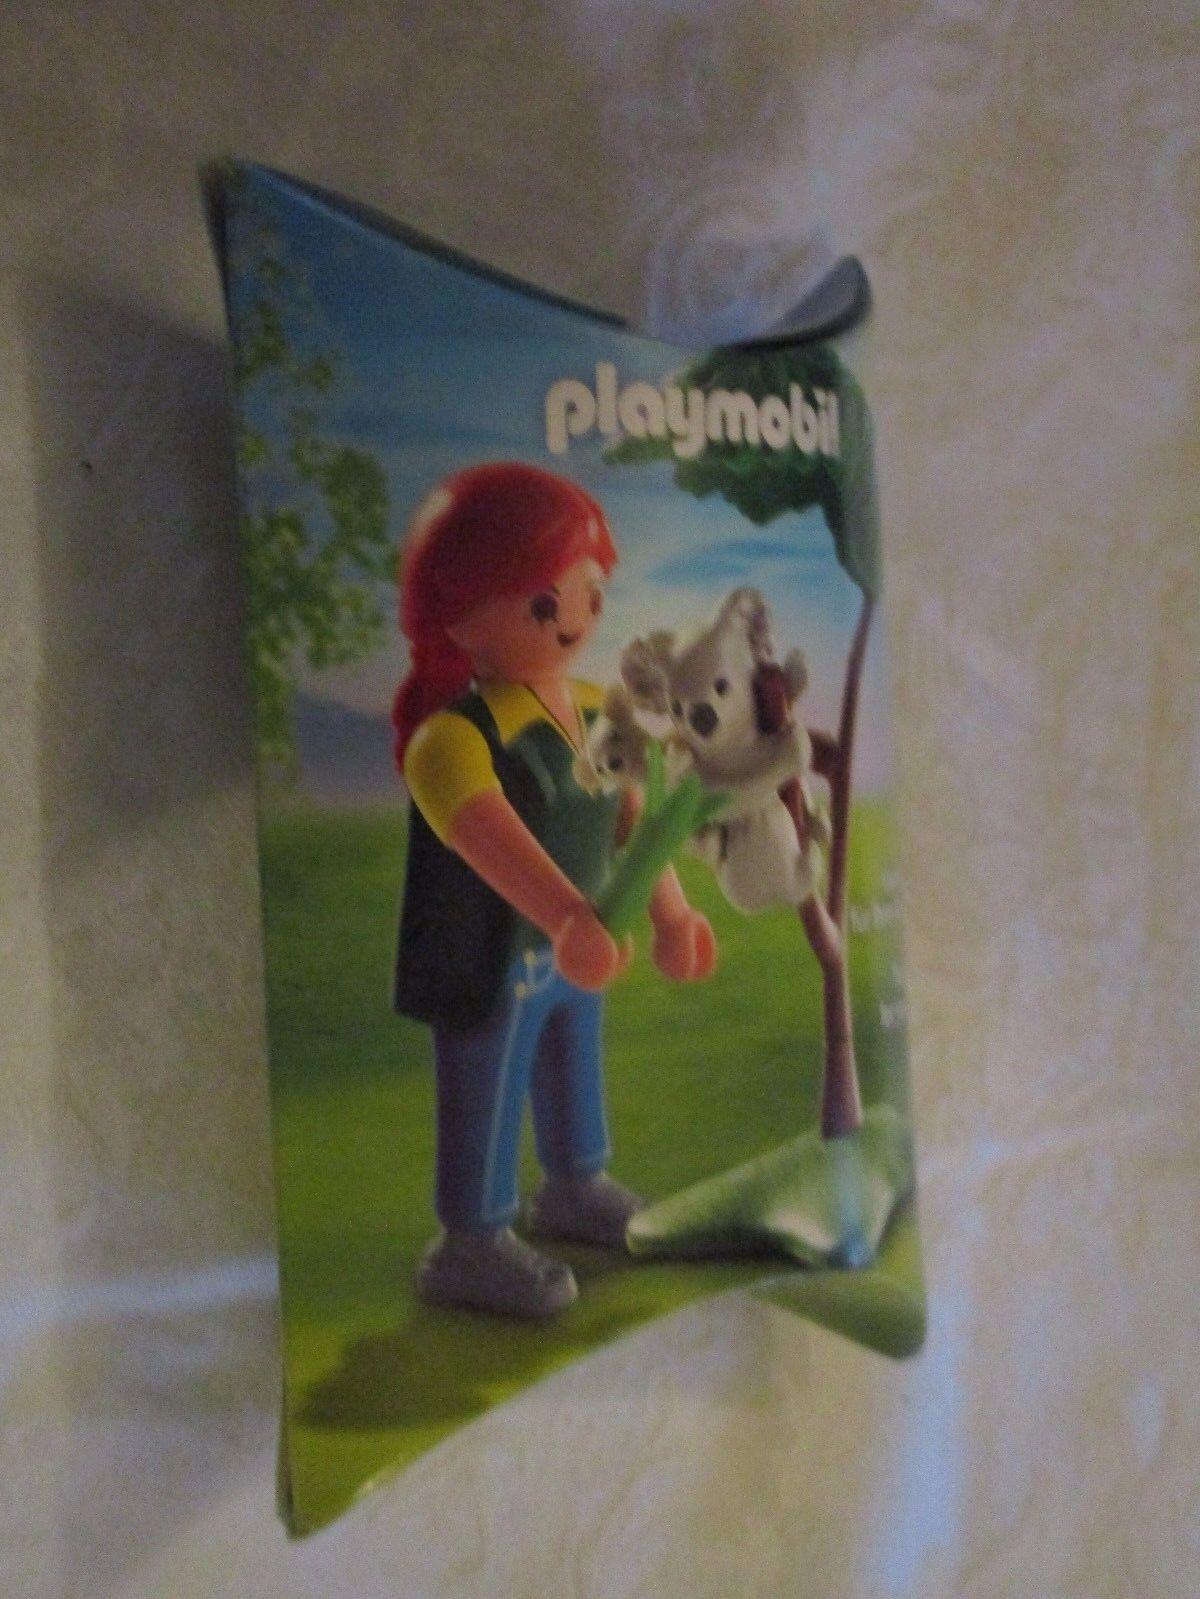 Playmobil Feeding Baby Koala Toy Fair 2013 Exclusive Set